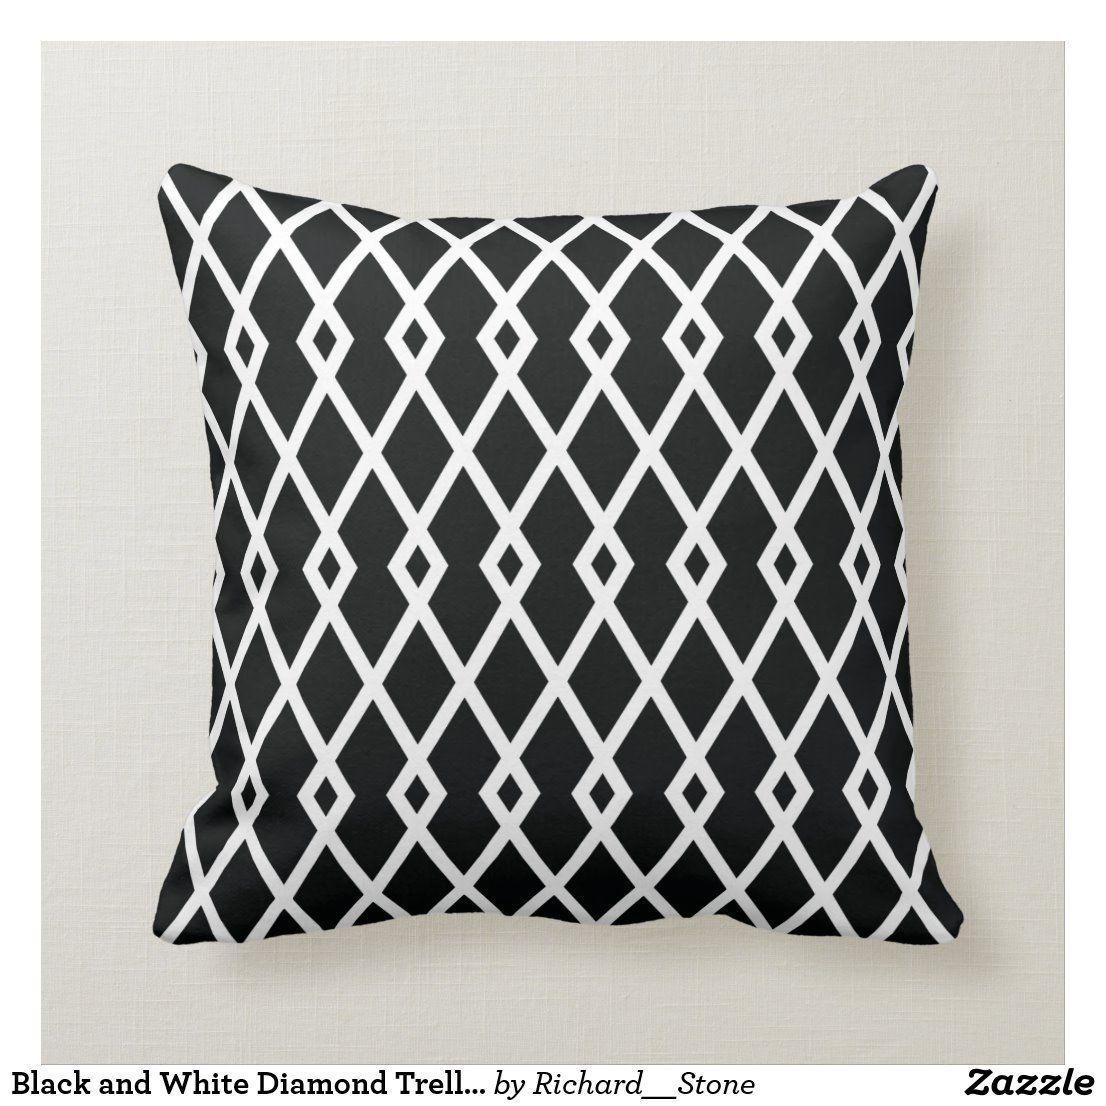 Black And White Diamond Trellis Pillow Zazzle Com Black And White Cushions Trellis Pillow Black And White Pillows